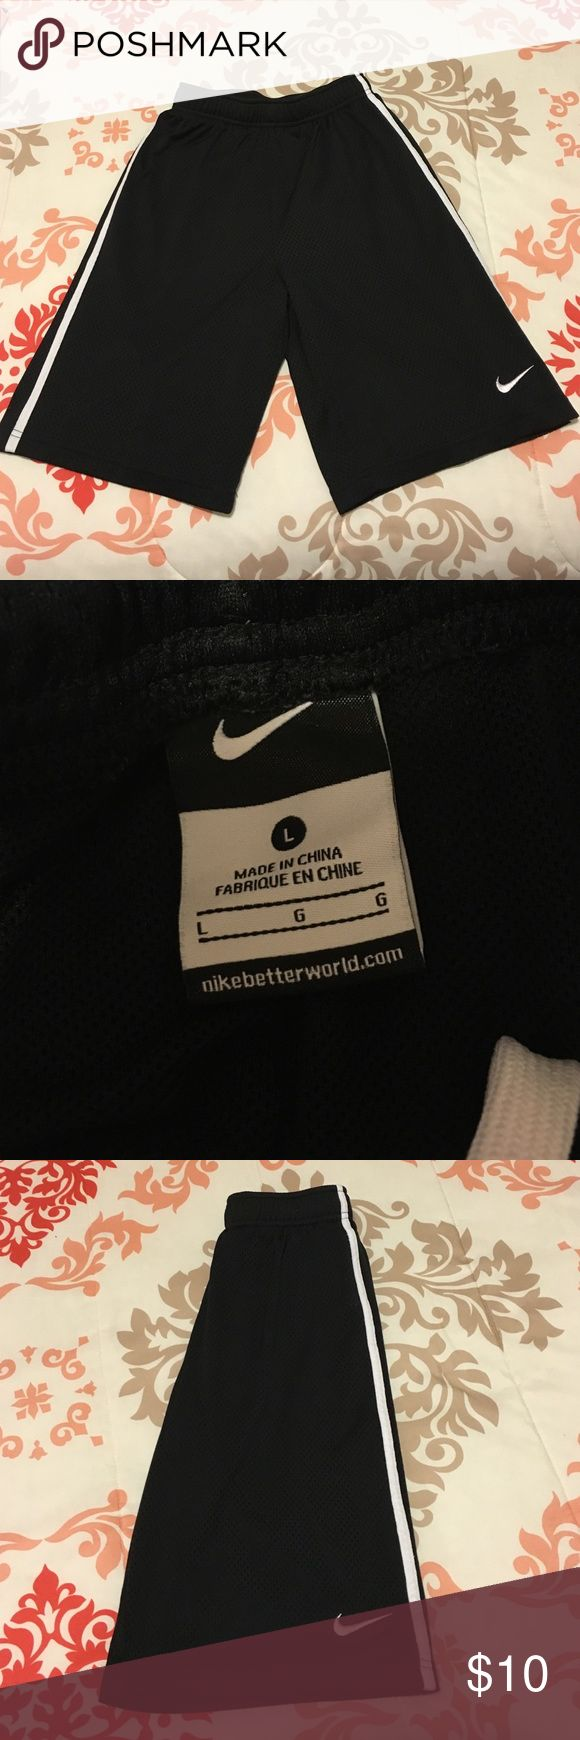 Youth Boys Nike Shorts Youth Boys Black Nike Shorts Nike Bottoms Shorts